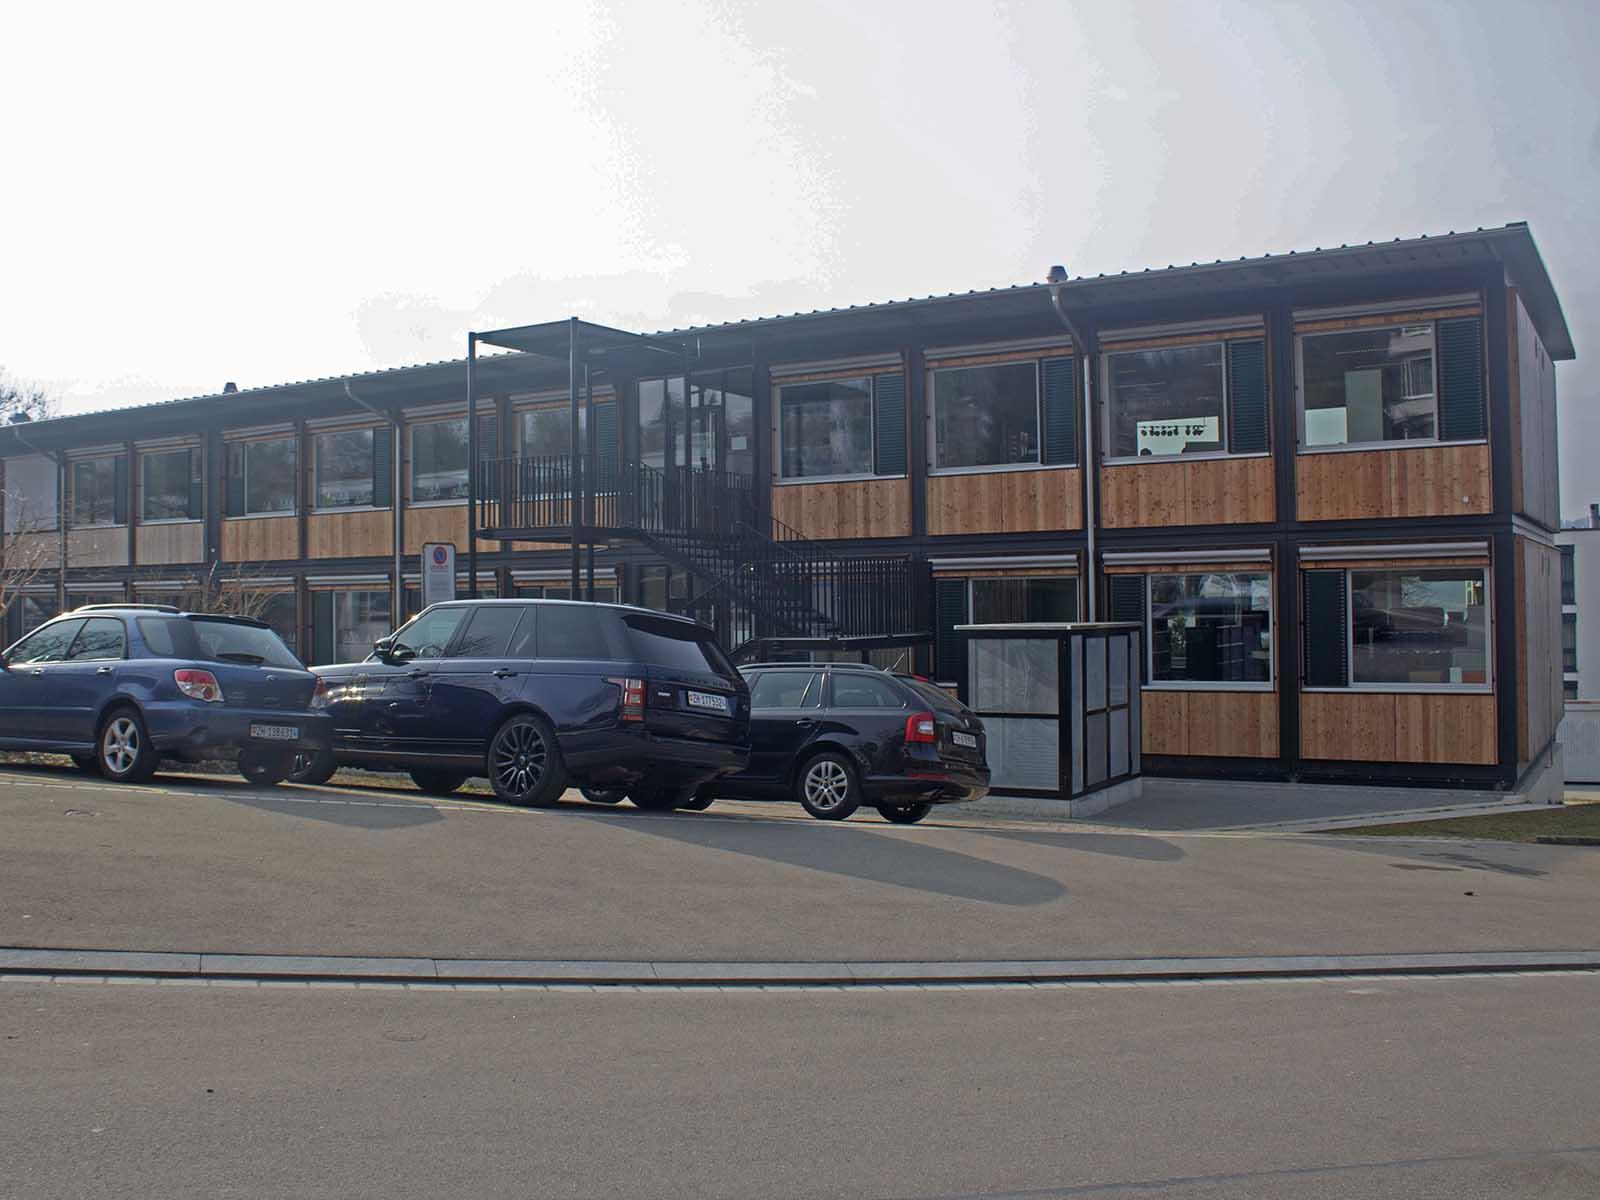 Pavillons wie dieser beim Schulhaus Riedhof kommen bei kurz- und mittelfristigen Engpässen zum Einsatz. Auf städtischen Schulanlagen stehen zurzeit insgesamt 76 dieser Provisorien.